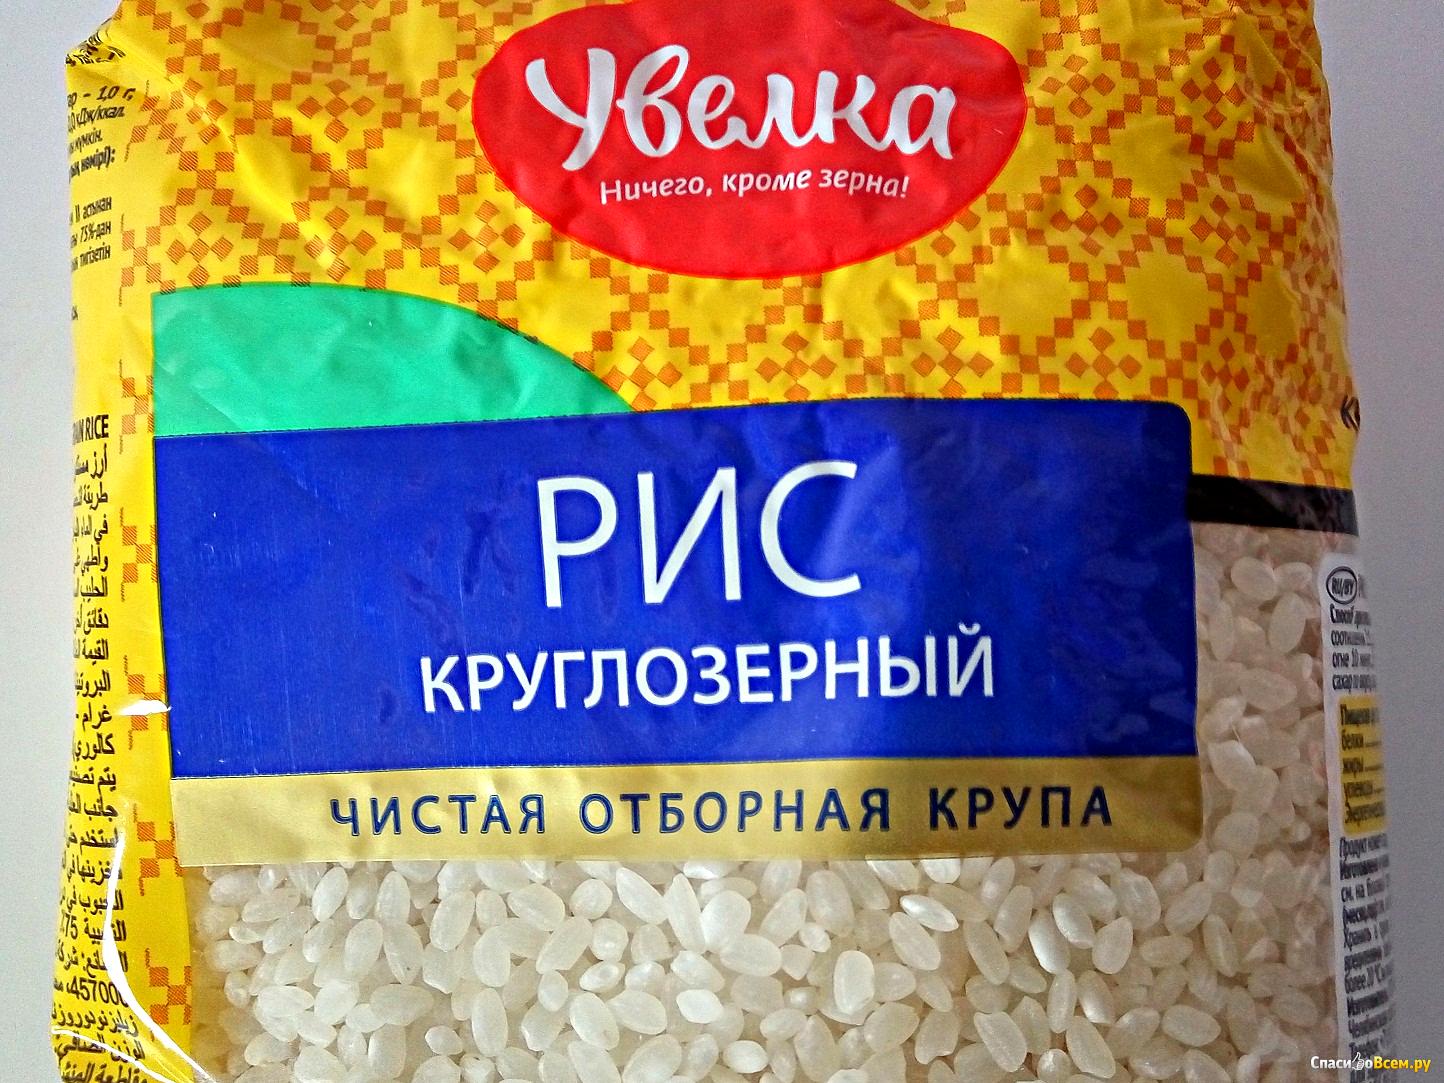 Круглозерный Рис Для Похудения. Какой рис самый полезный для похудения